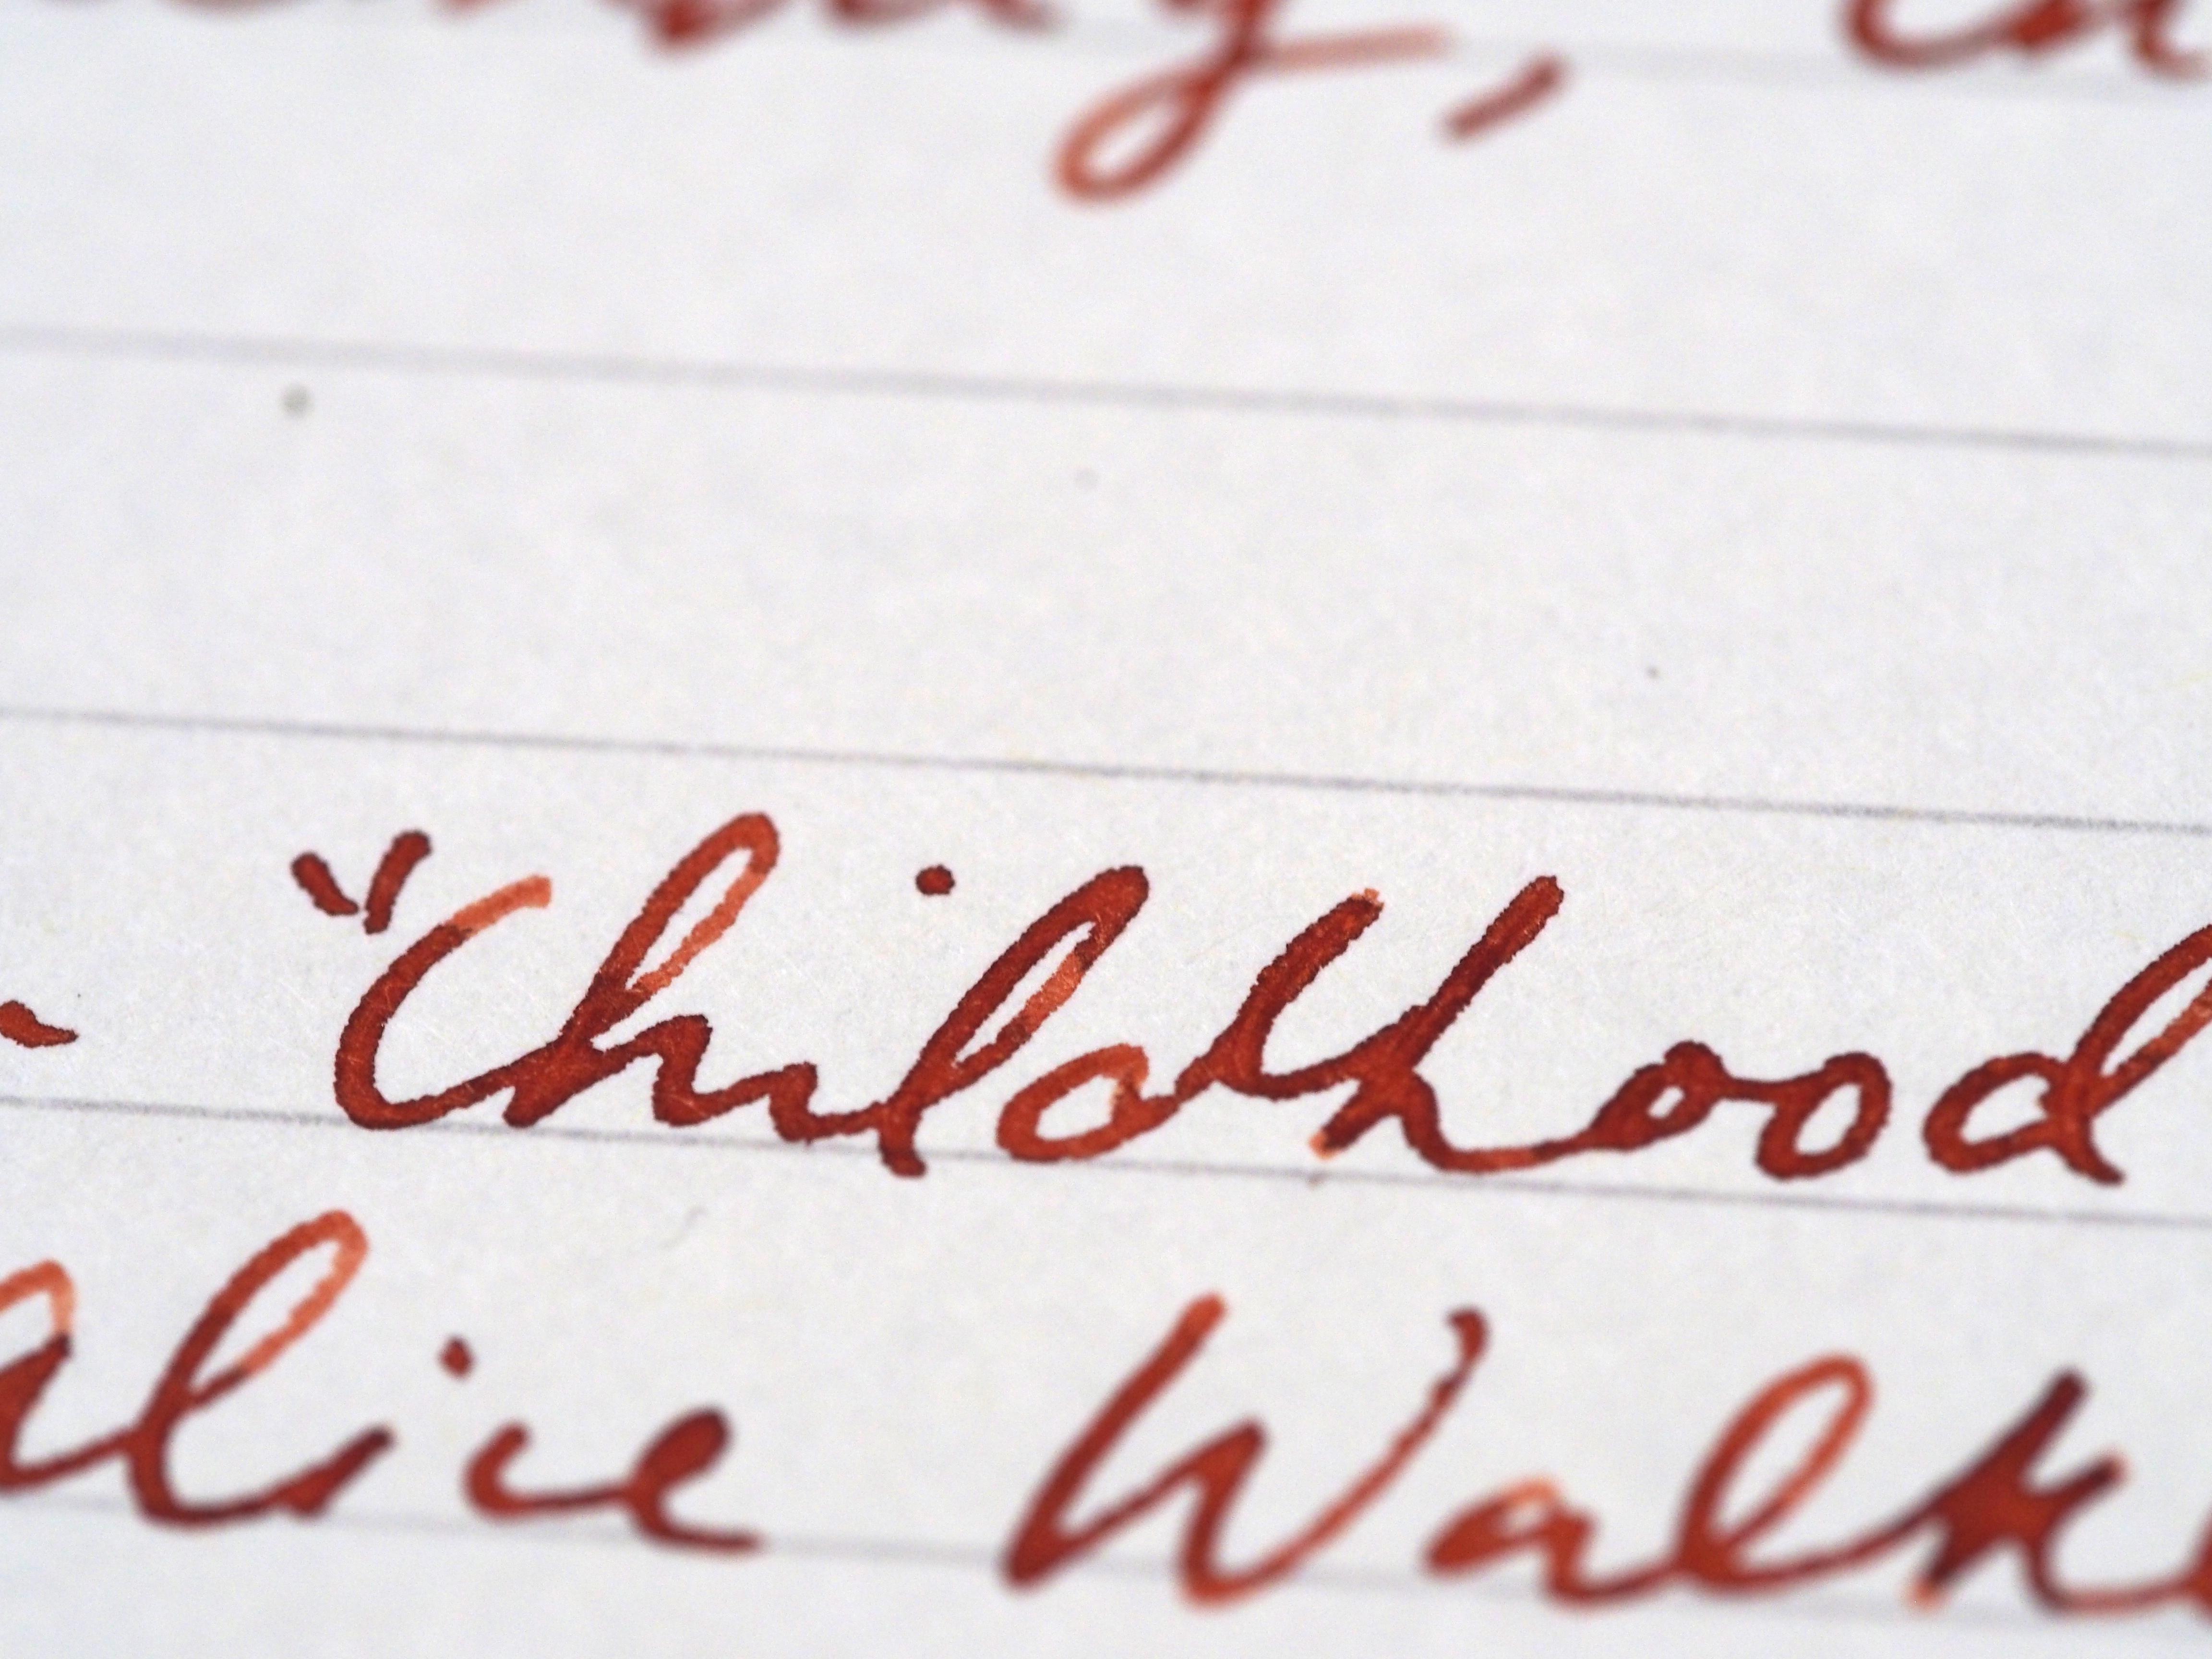 Diamine 150th Anniversary Terracottta  Shading Writing Sample Toronto Canada Wonder Pens